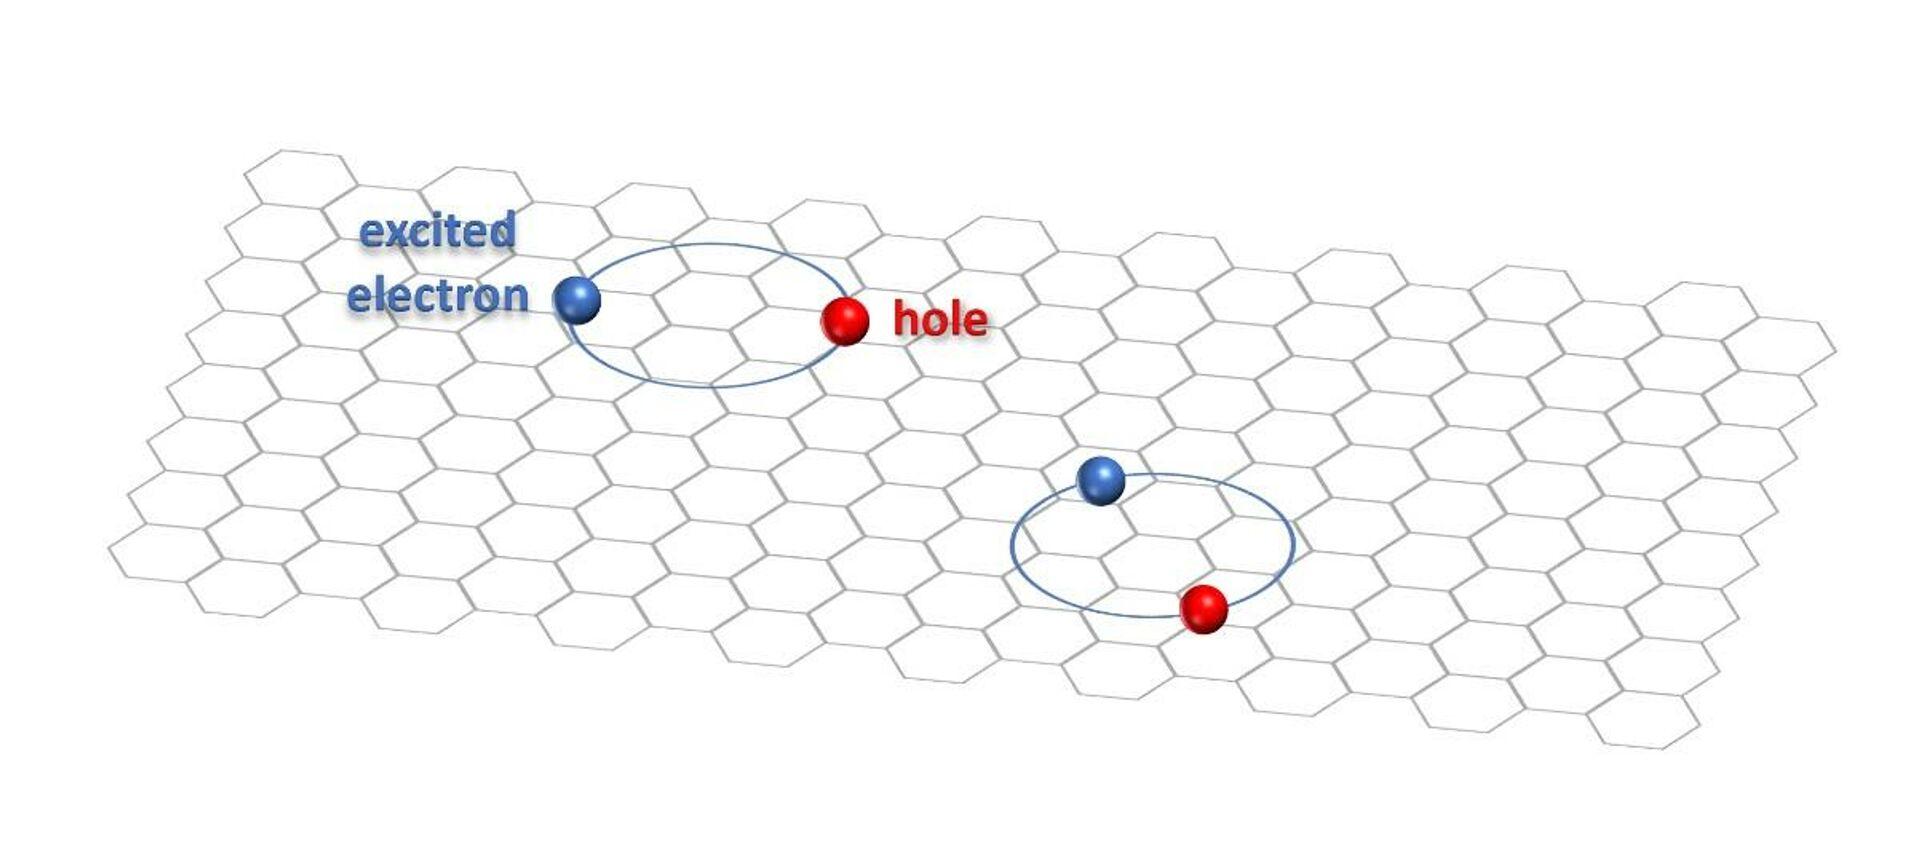 Ученые впервые сфотографировали электрон внутри экситона